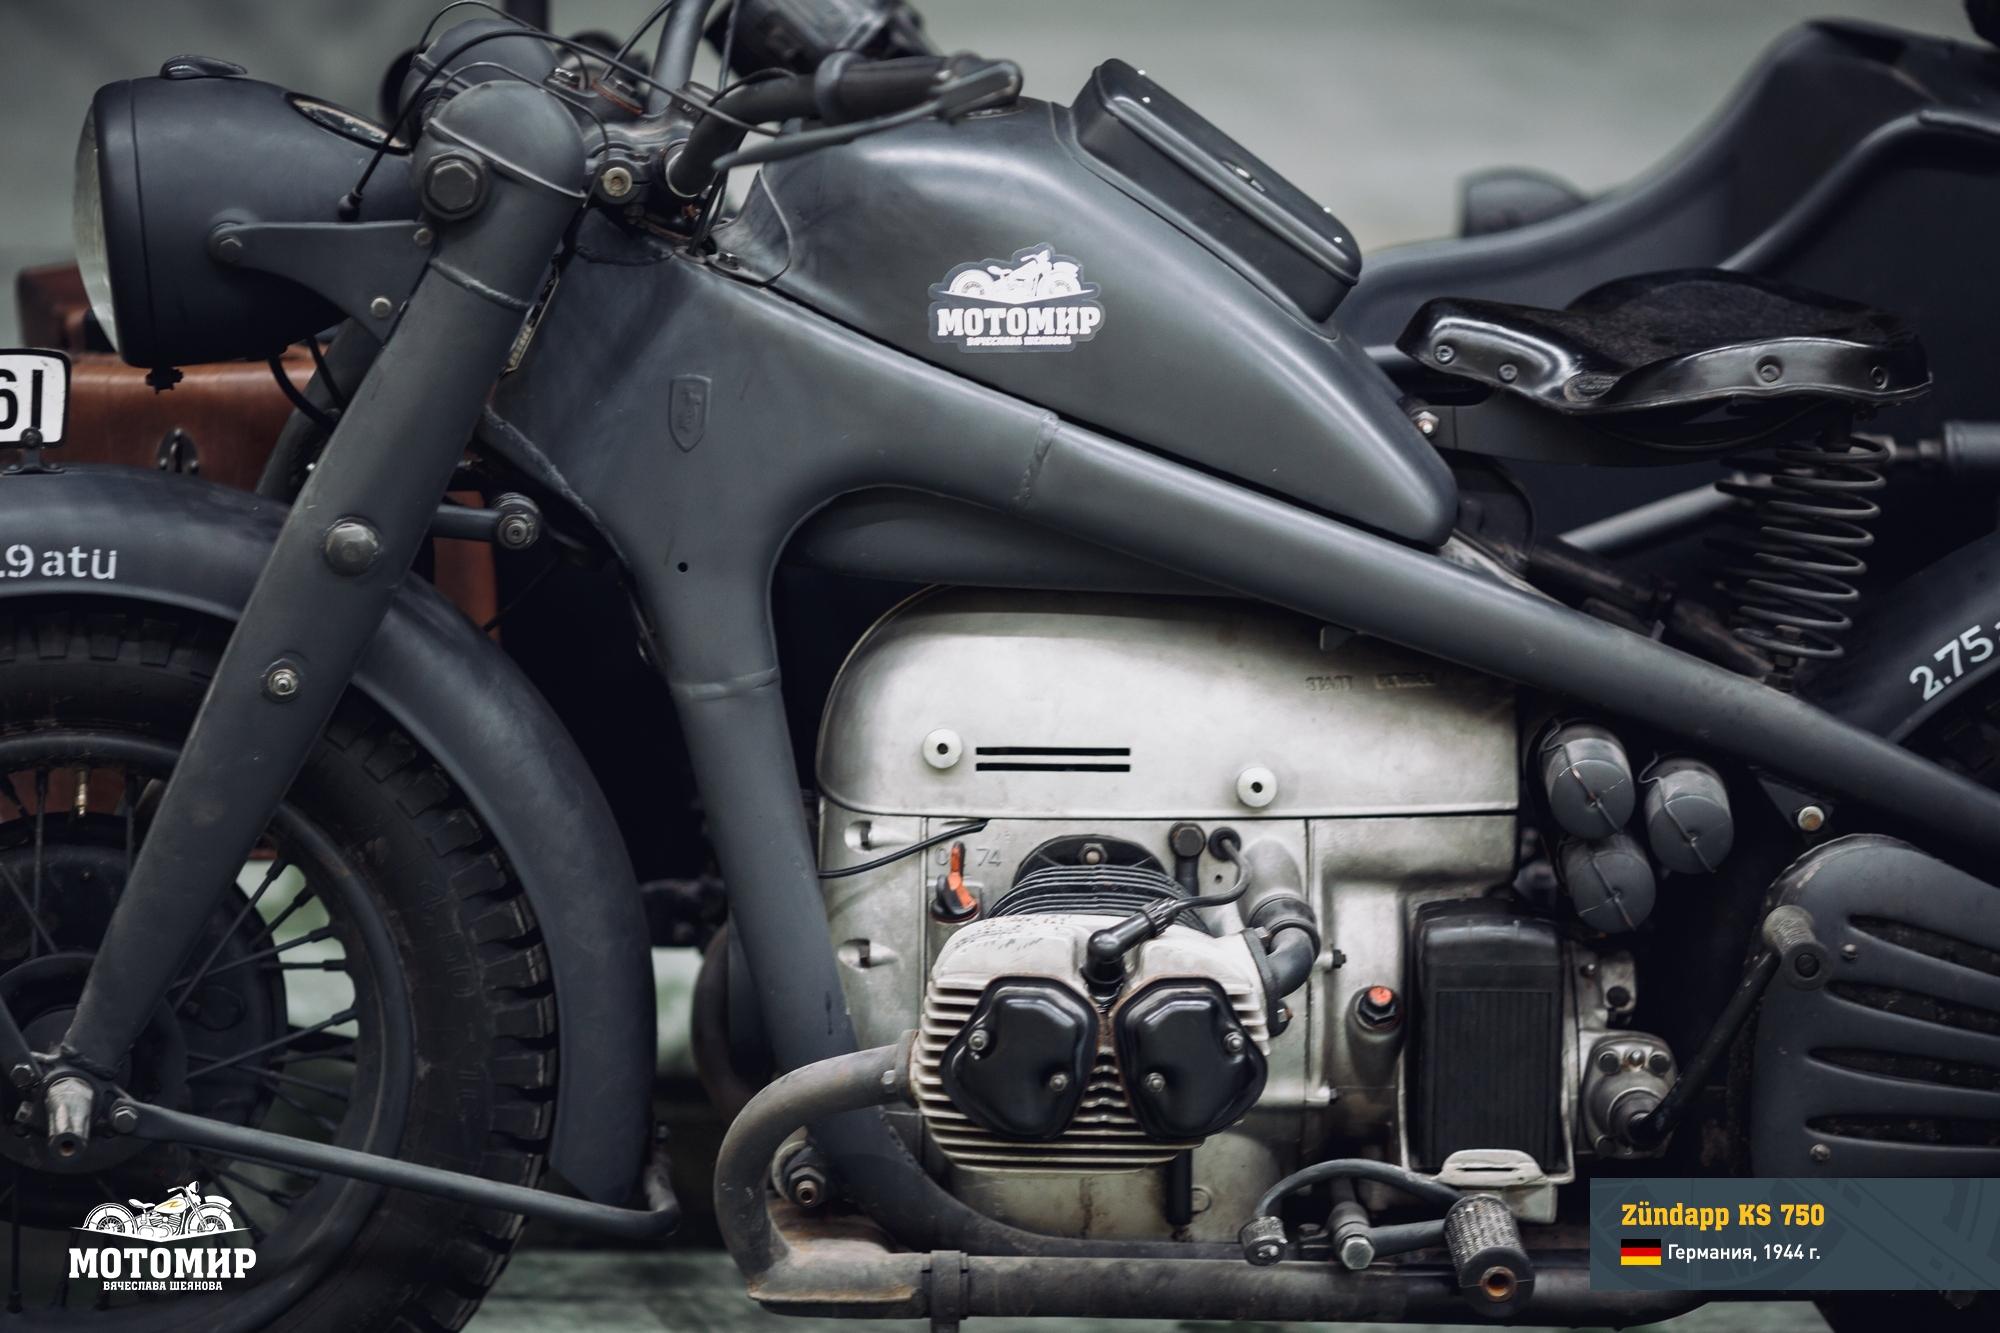 zundapp-ks750-201503-web-14